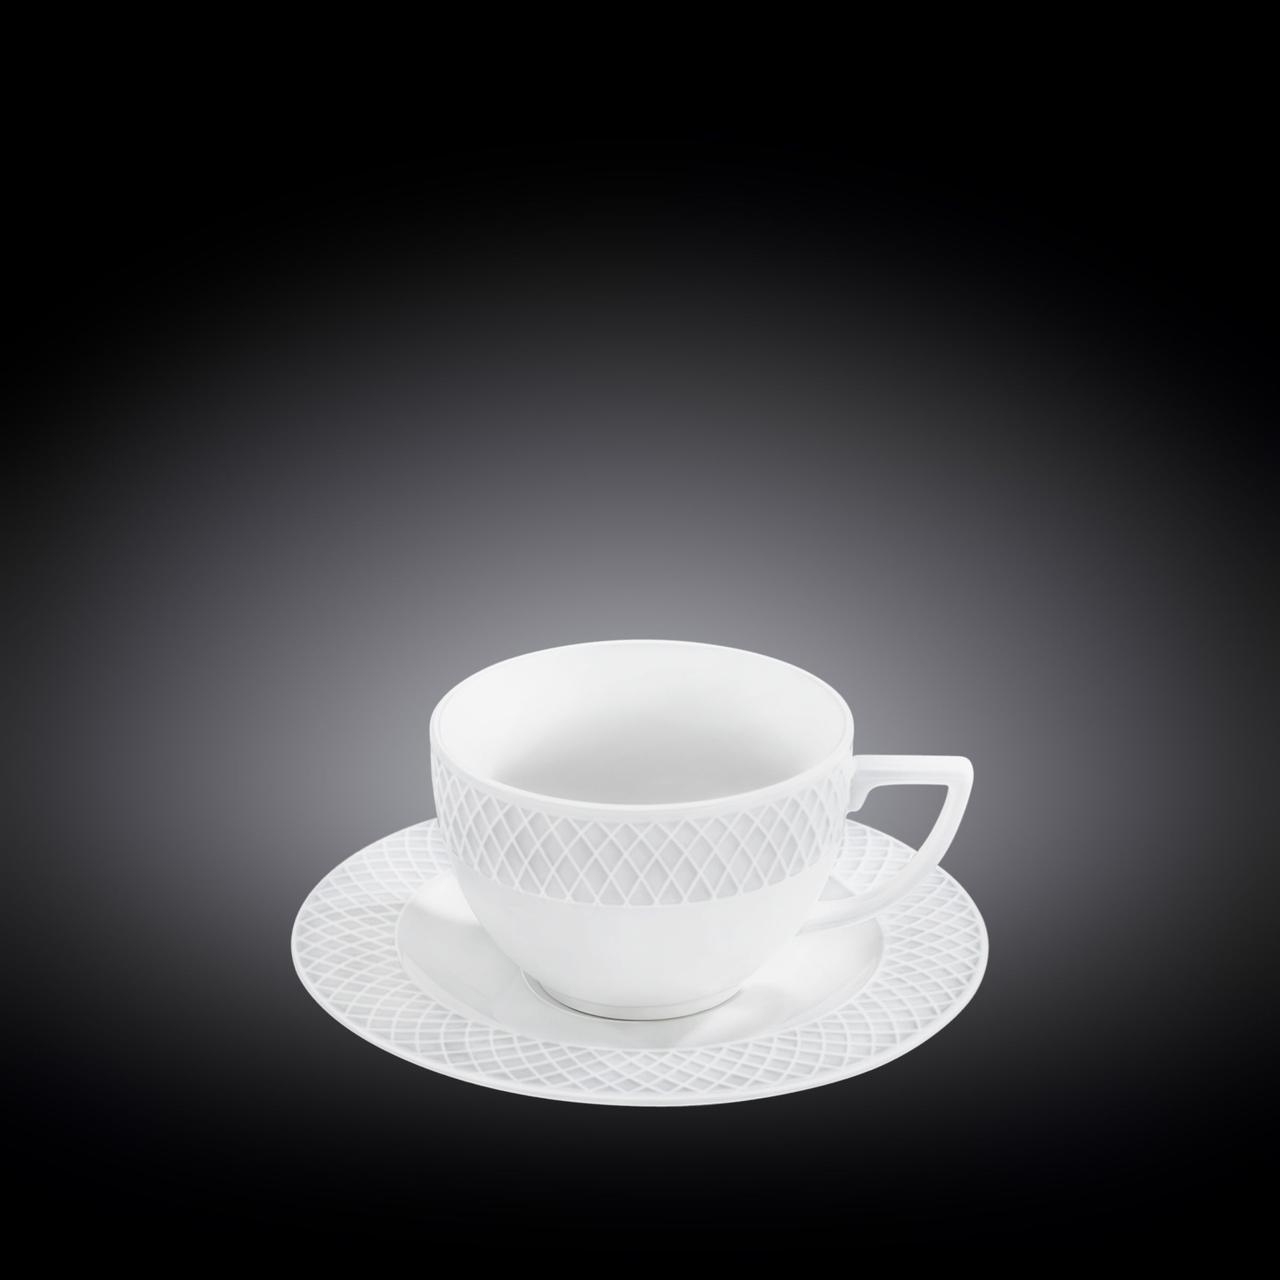 Кофейный сервиз из 12 пр Wilmax wl-880107-JV, Julia Vysotskaya